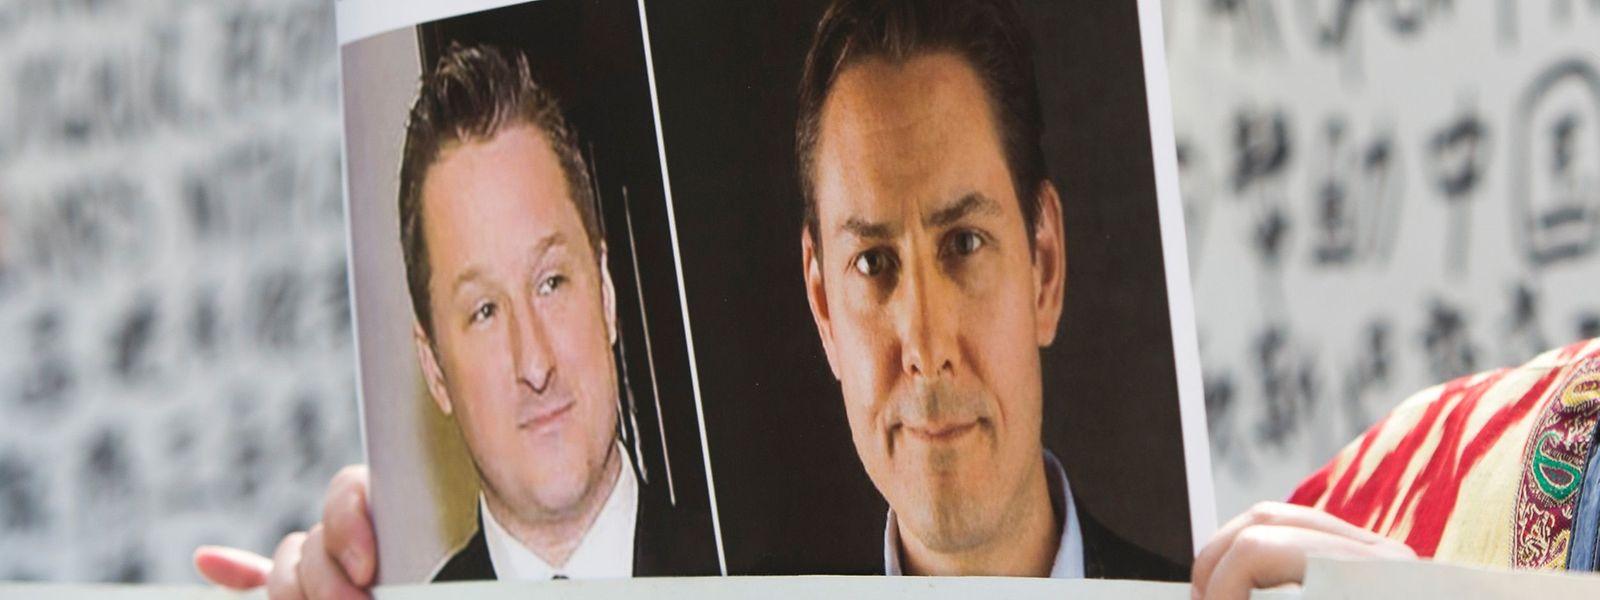 Der frühere kanadische Diplomat Michael Kovrig (l.) und sein Landsmann Michael Spavor, der ein Kulturzentrum für den Austausch mit Nordkorea geleitet hatte, wurden Ende 2018 in China festgenommen.